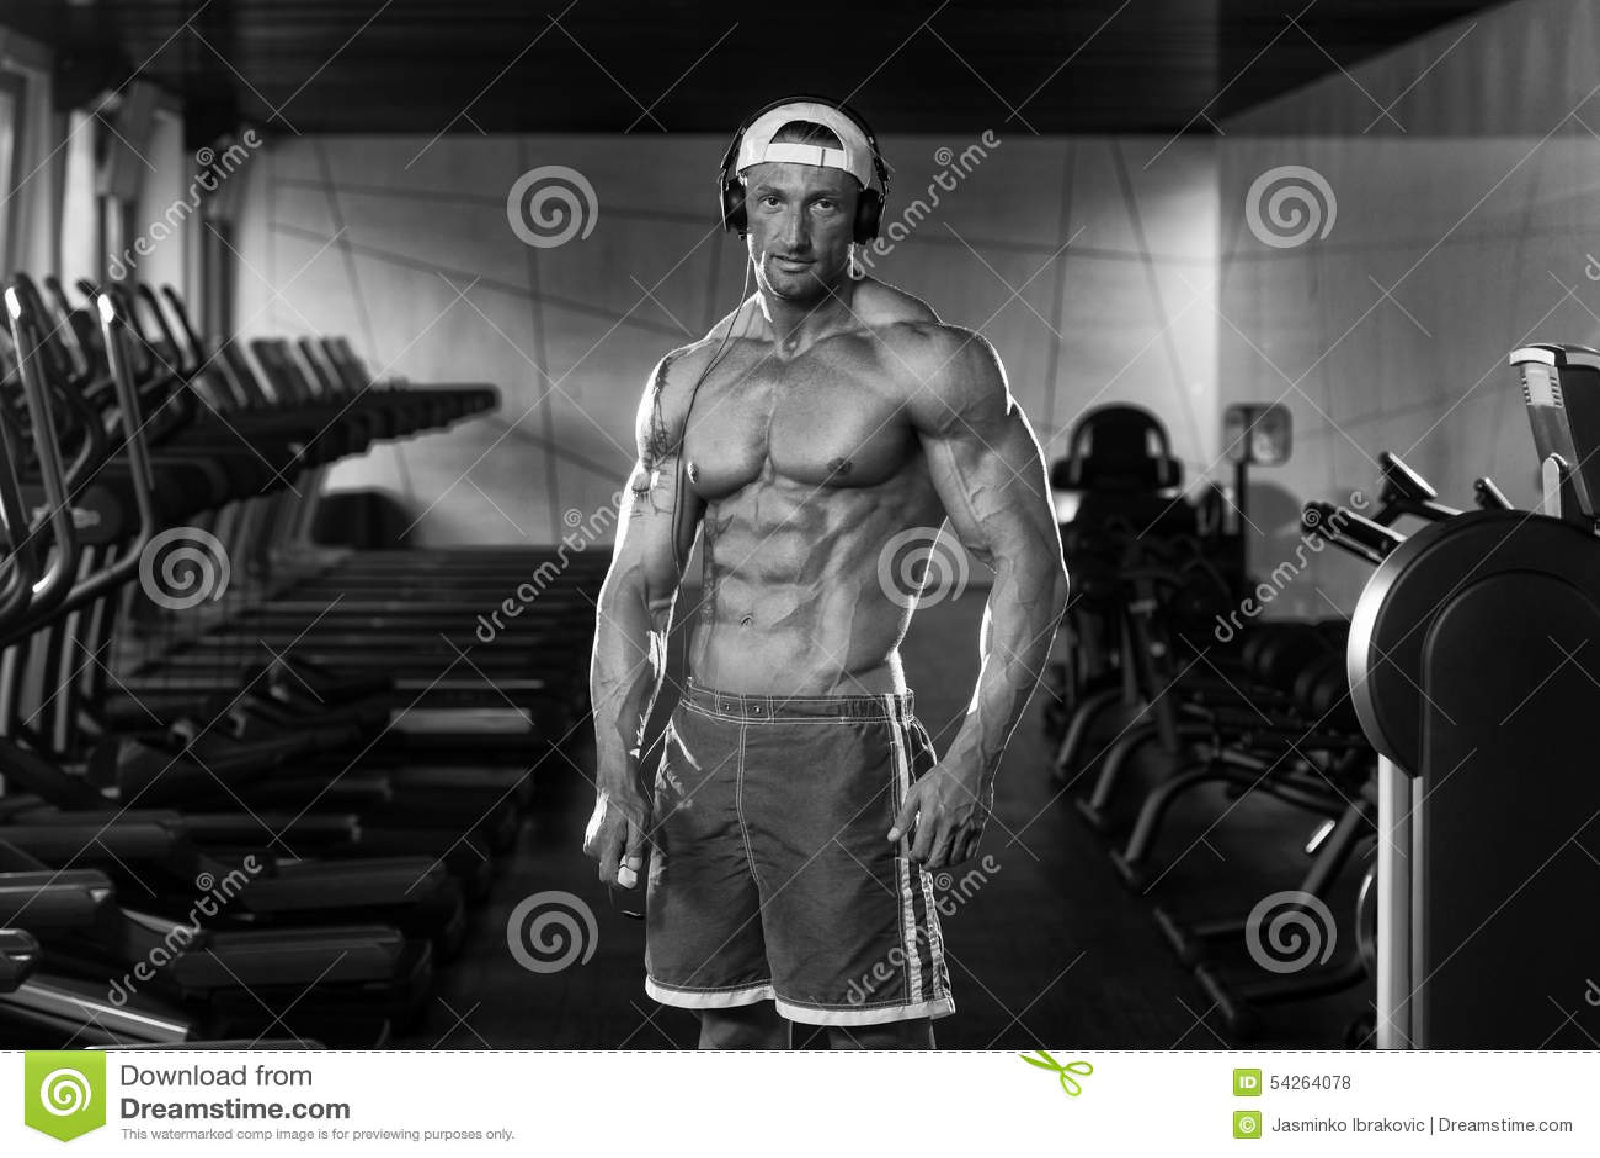 Aesthetic Man Listening Music In Modern Fitness Center Stock